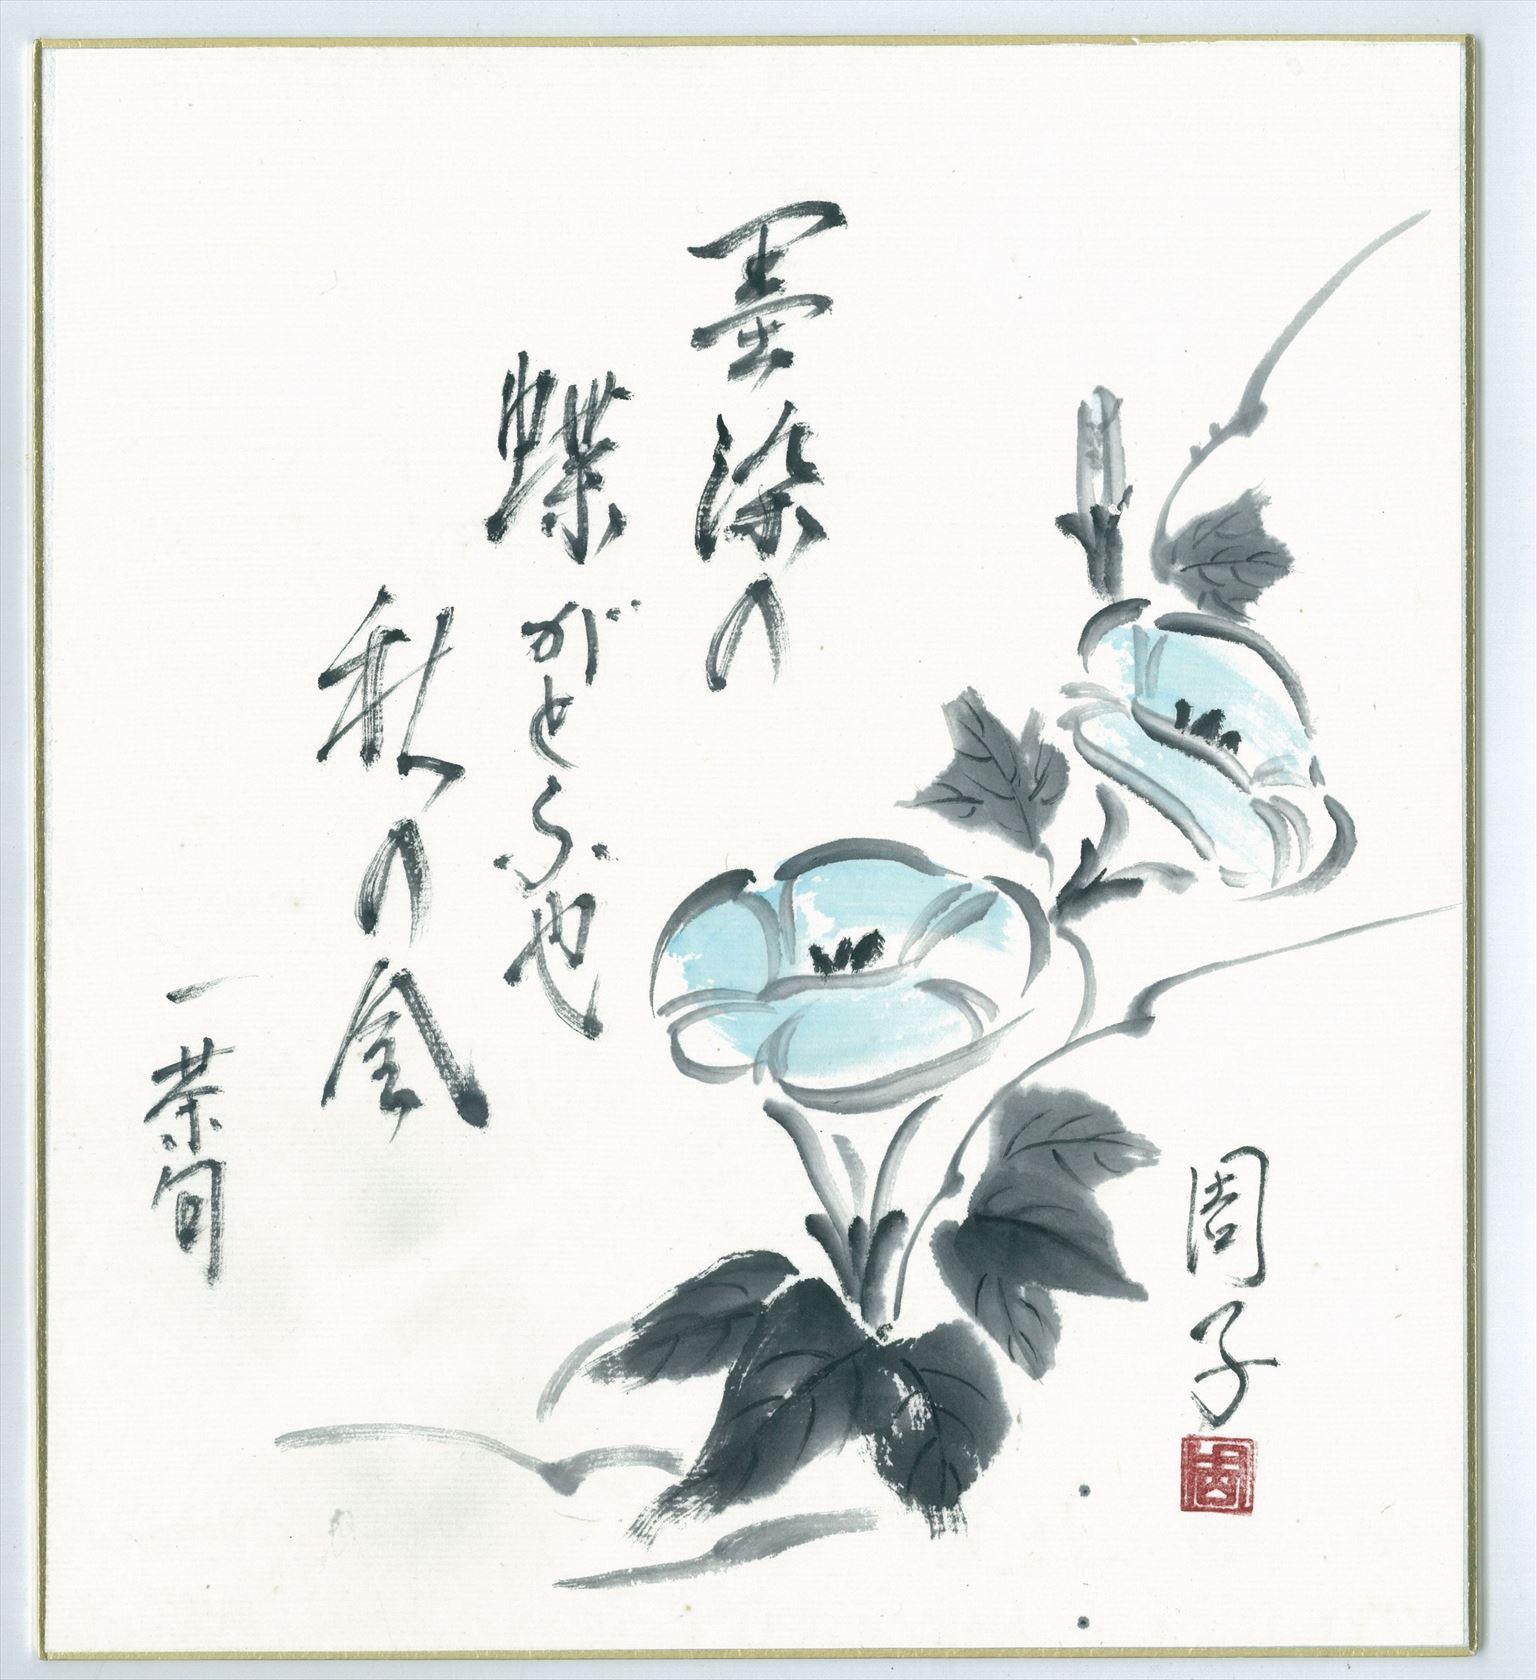 墨染の蝶がとぶ也秋の風